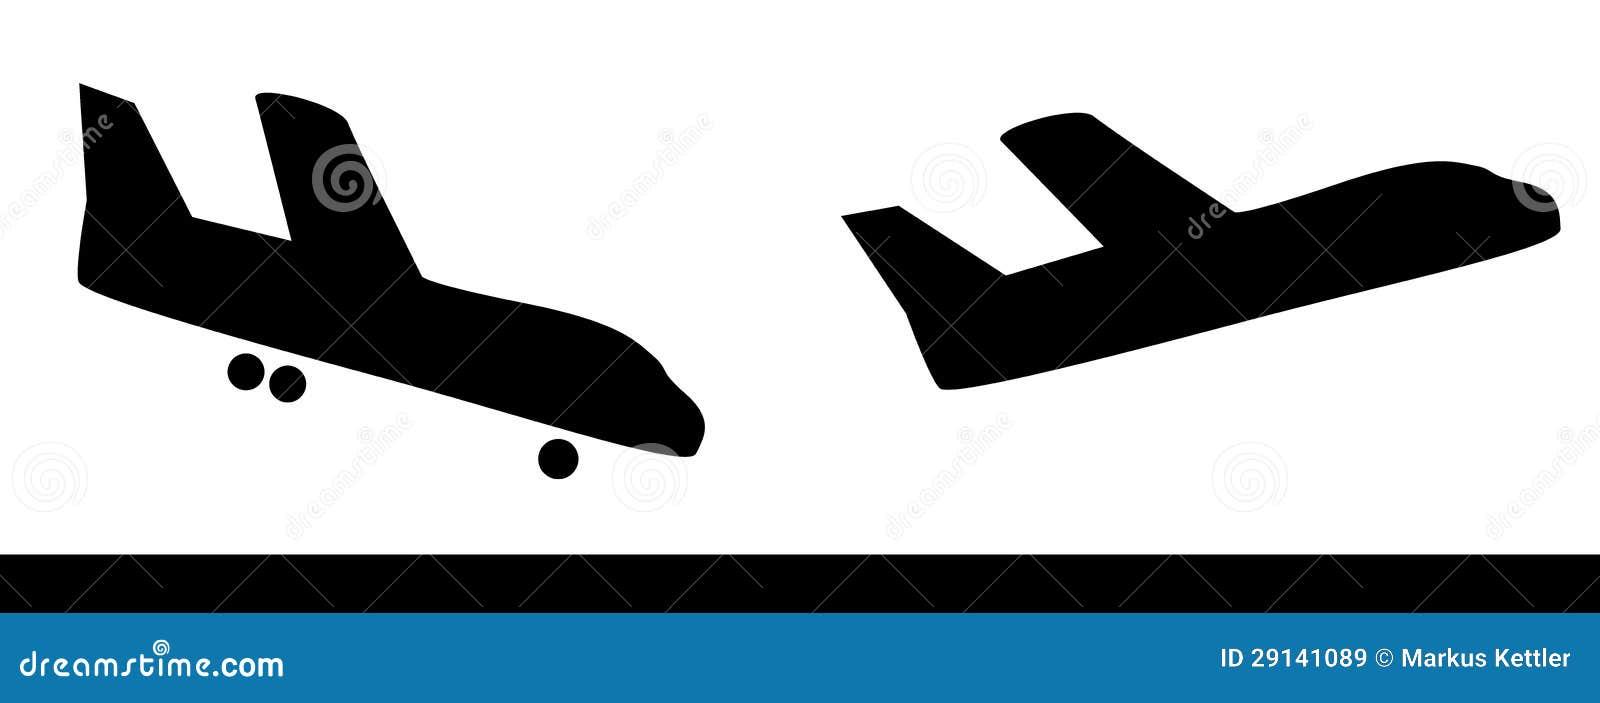 Siluetas del vuelo